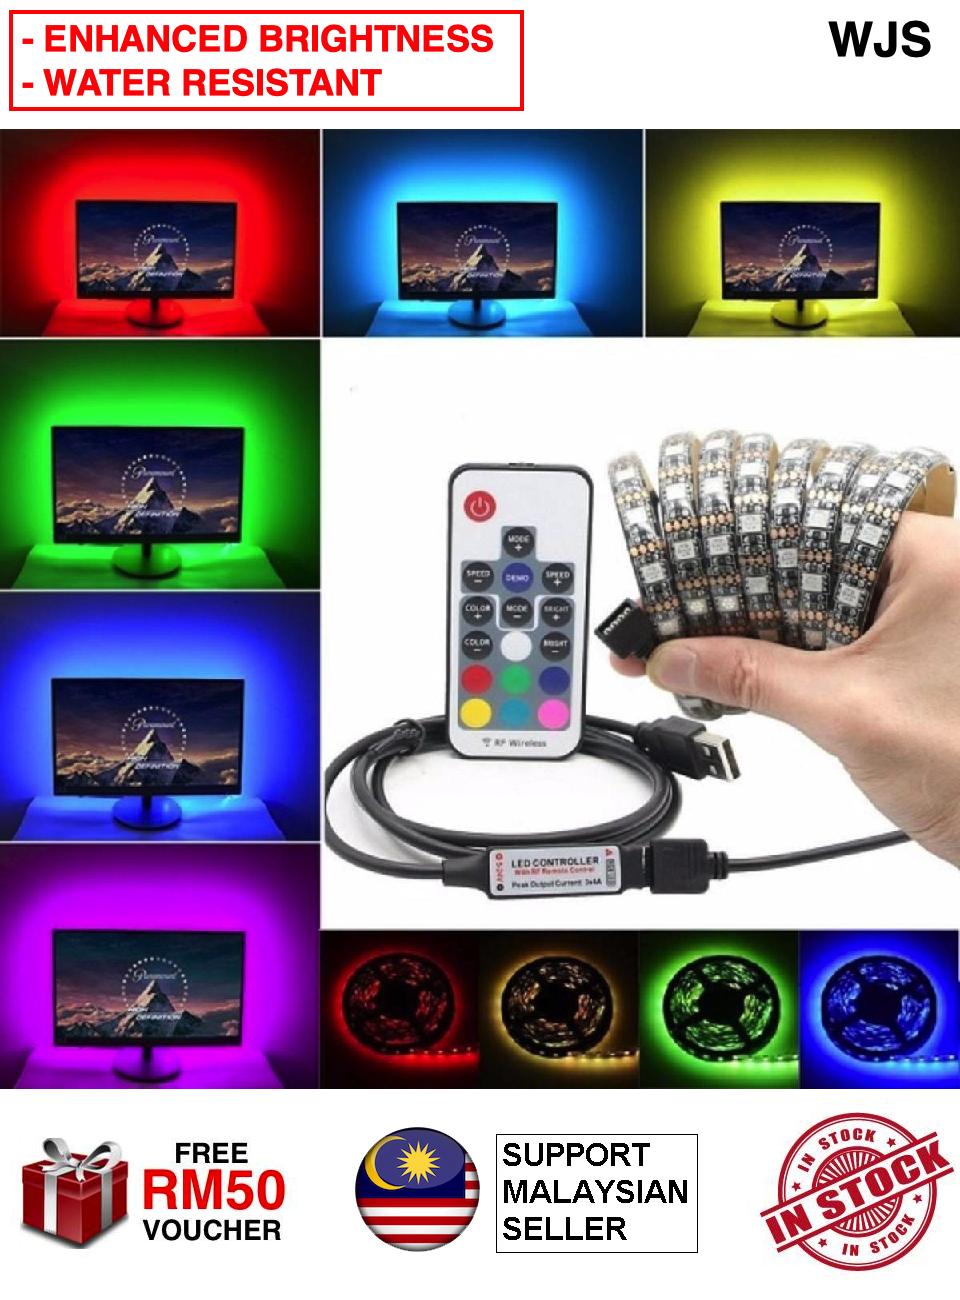 (ENHANCED LED) WJS Waterproof USB LED Strip Light RGB 5050 3M 17keys Remote Control LED Stripe TV Light Decoration Light Decoration LED Night Light Rack Light Rack LED Lampu Hiasan Tali Lampu MULTICOLOR MULTISIZE [FREE RM 50 VOUCHER]